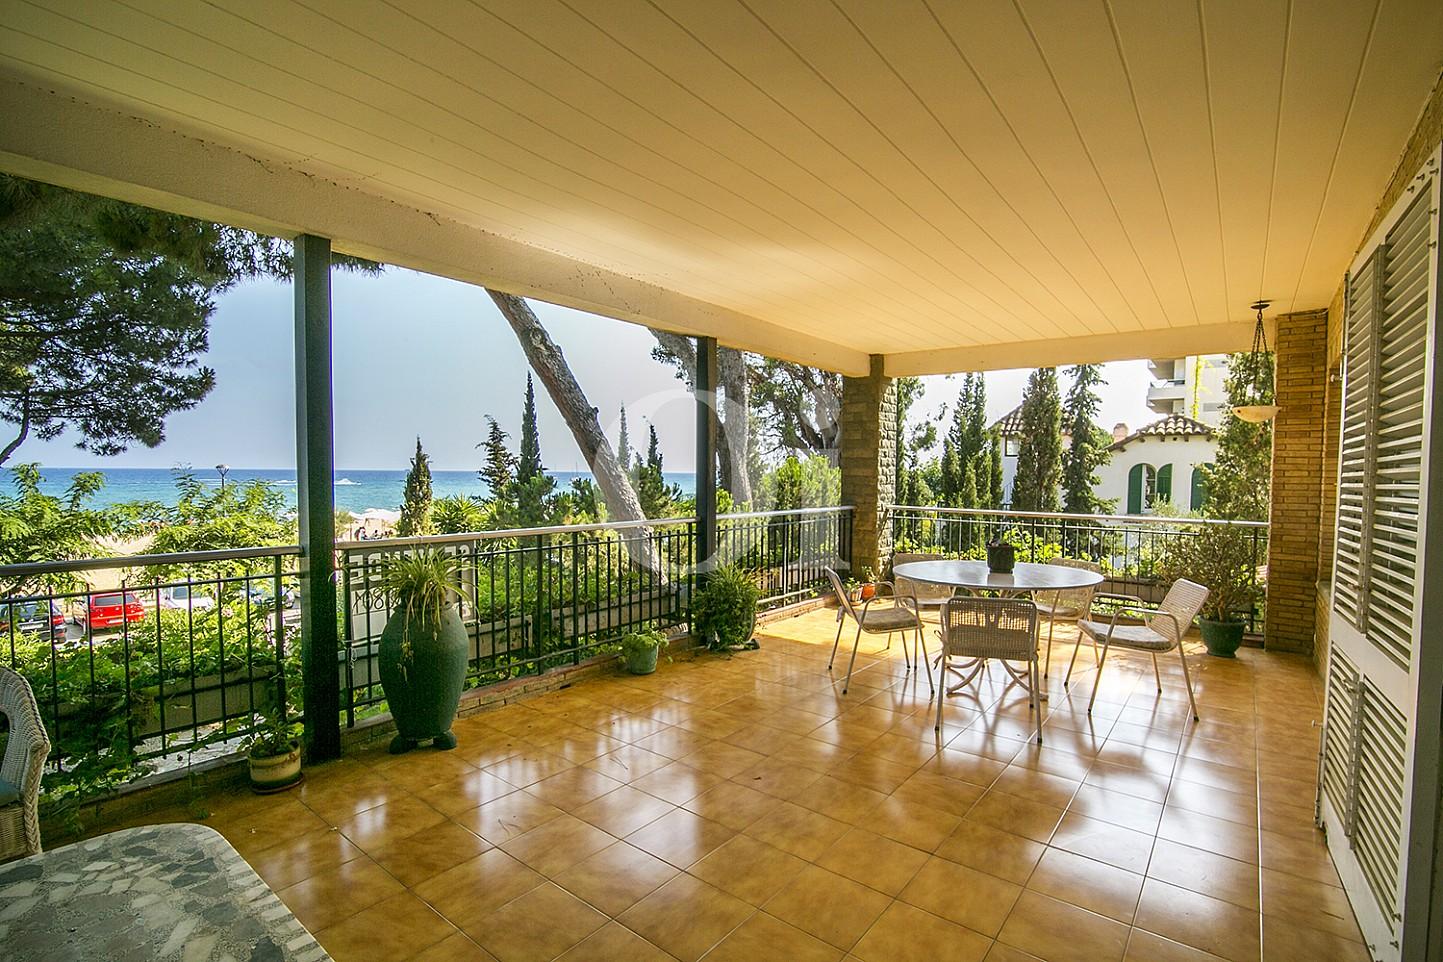 vistes de gran terrassa exterior amb sensacionals vistes a la natura a Caldes d'Estrac